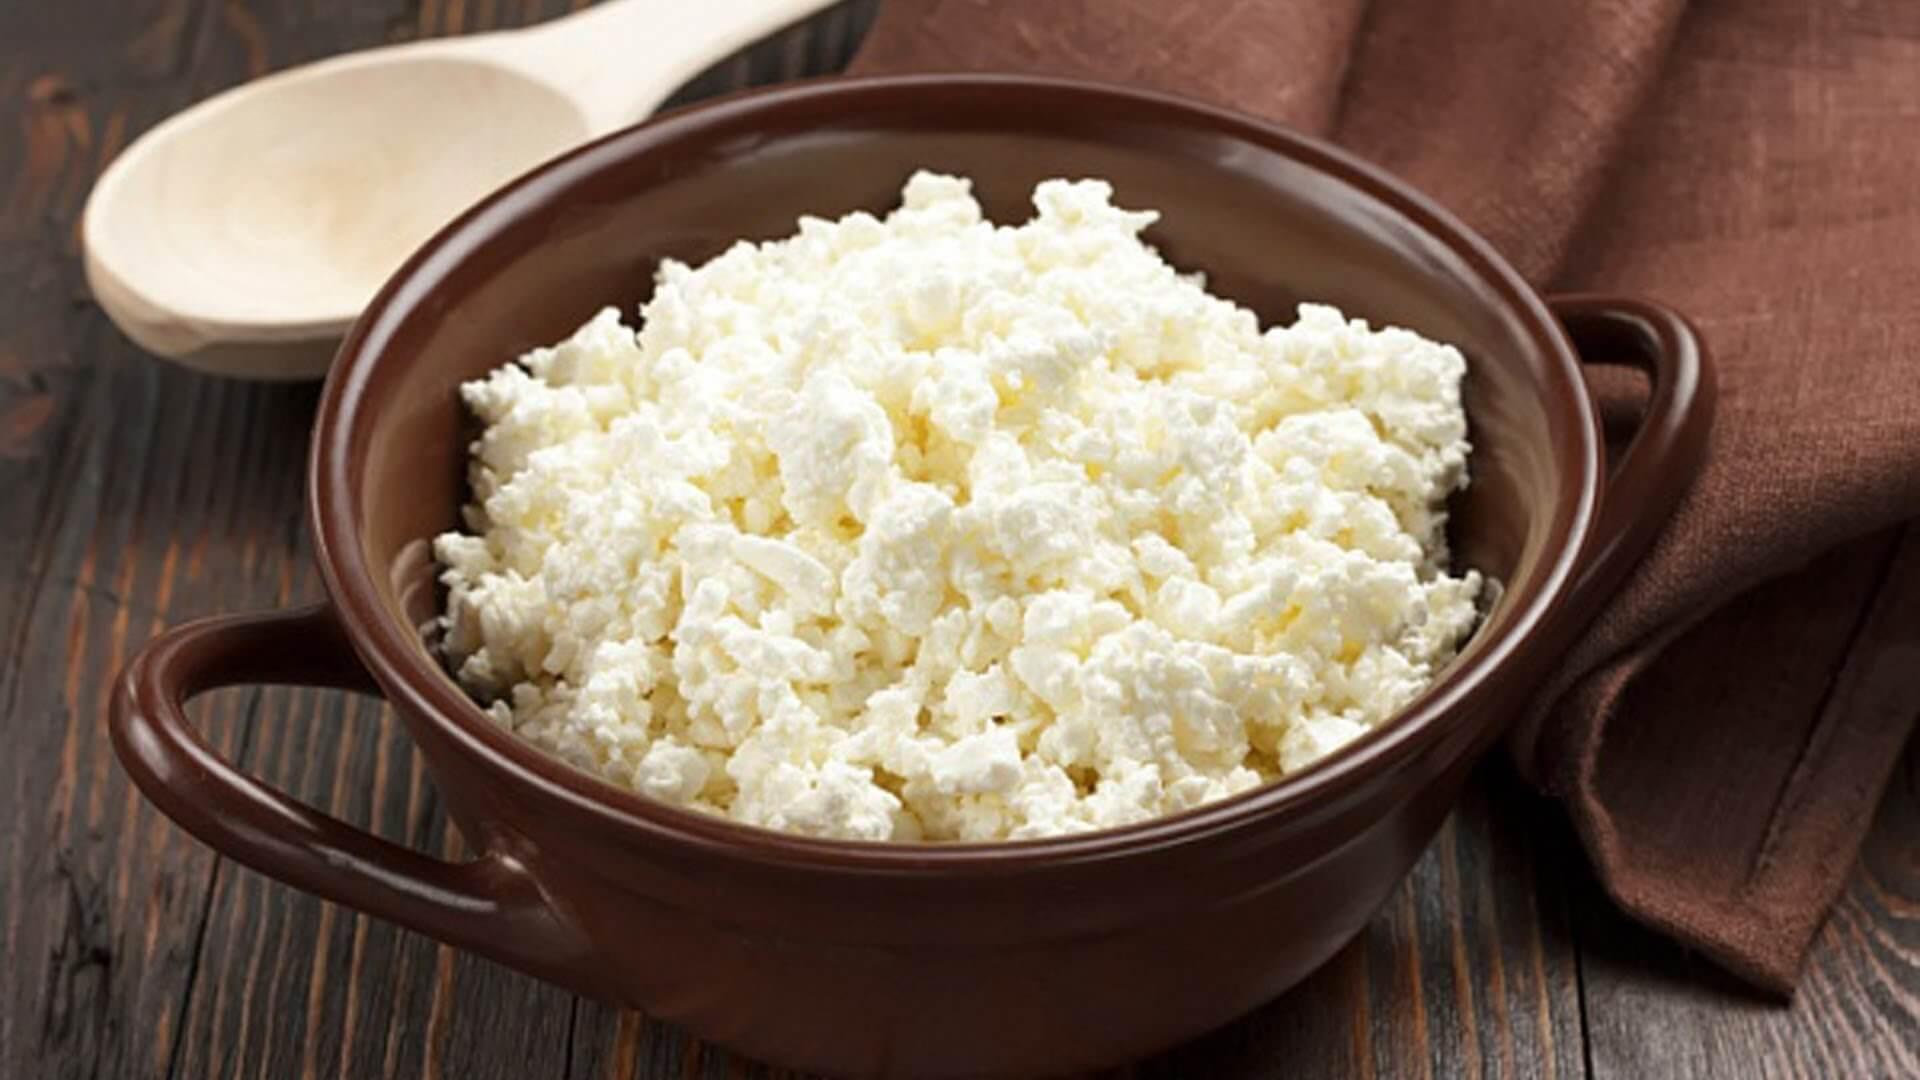 Творог: содержание белков, жиров и углеводов